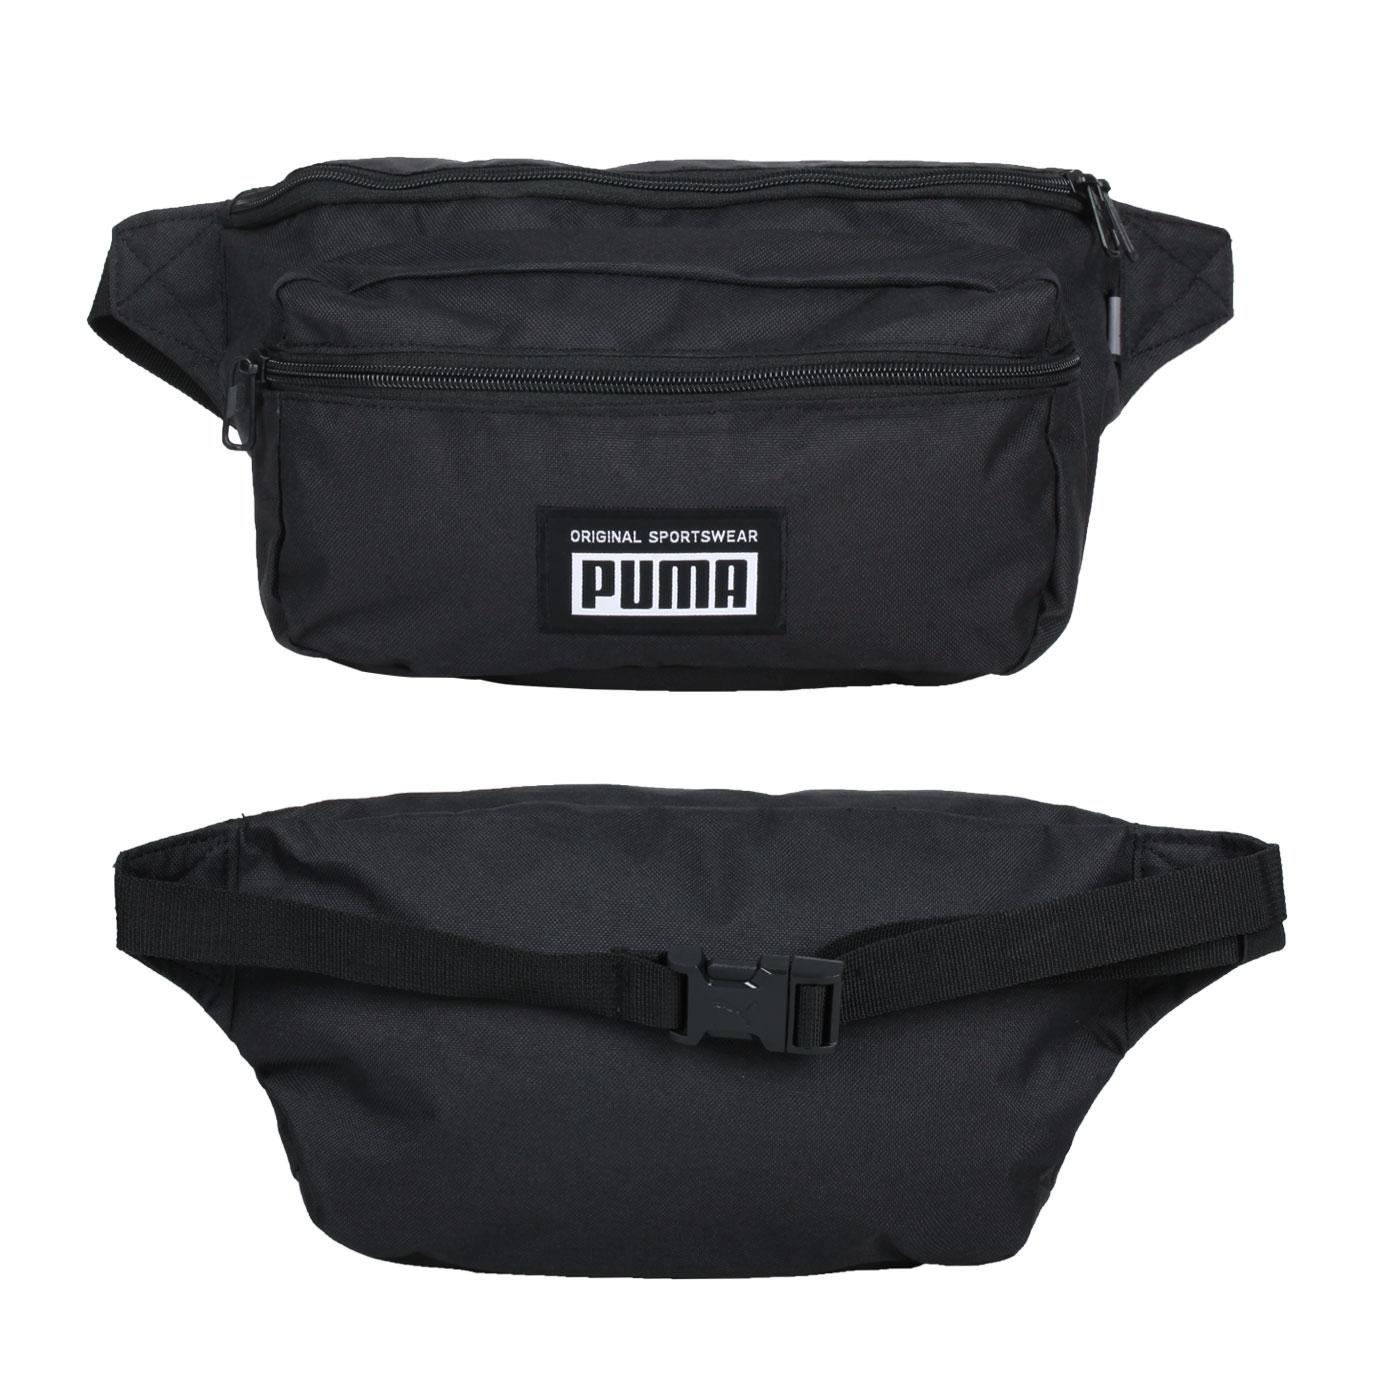 PUMA Academy大型腰包 07840001 - 黑白